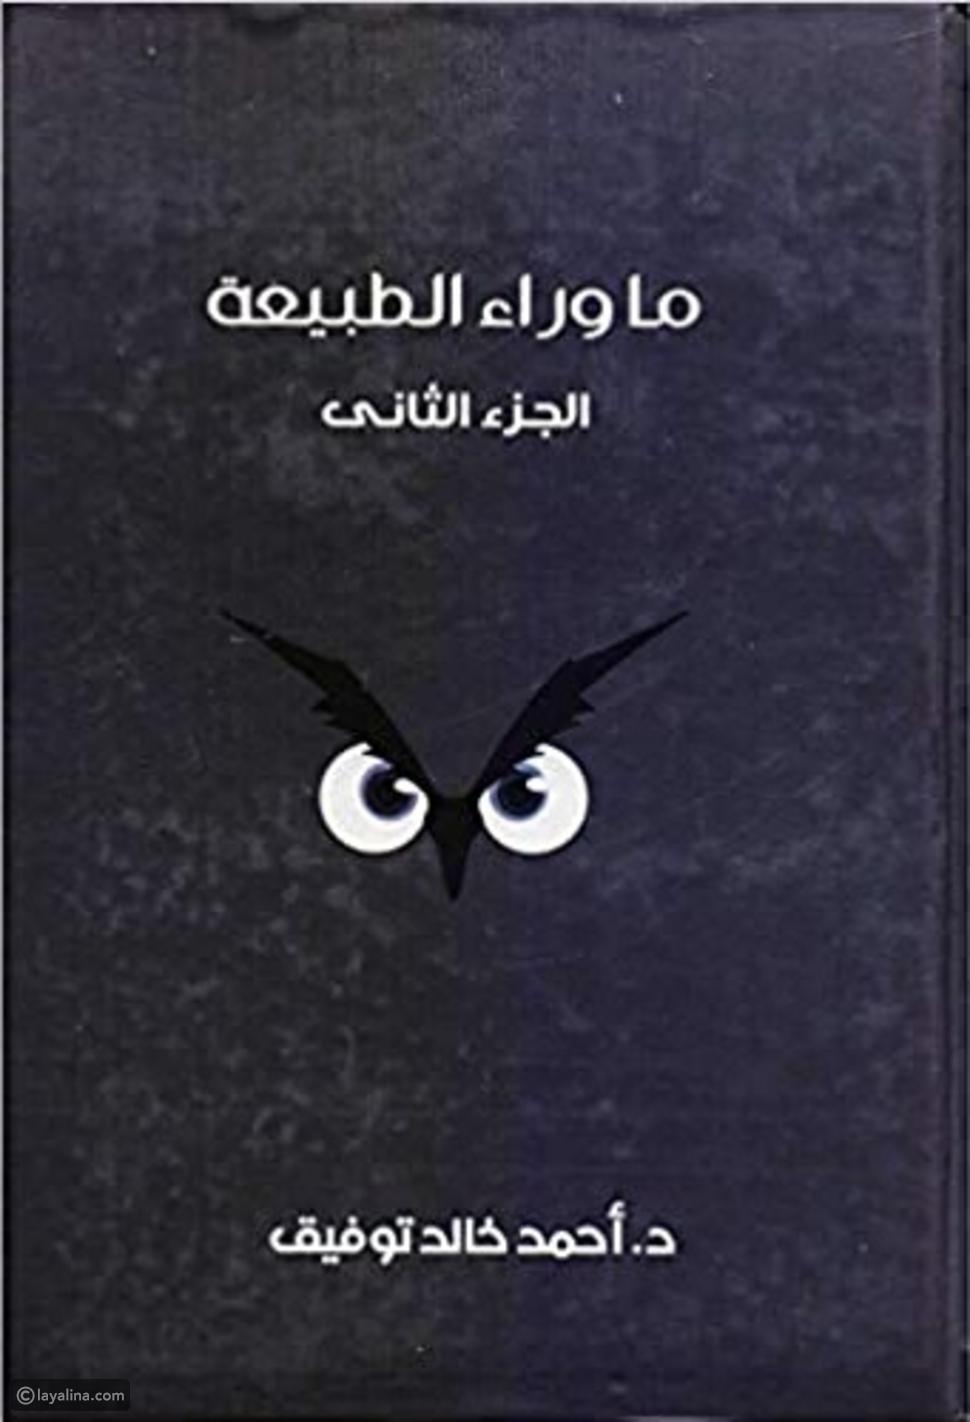 الصور الأولى من مسلسل ما وراء الطبيعة: قابلوا رفعت إسماعيل وحبيبته